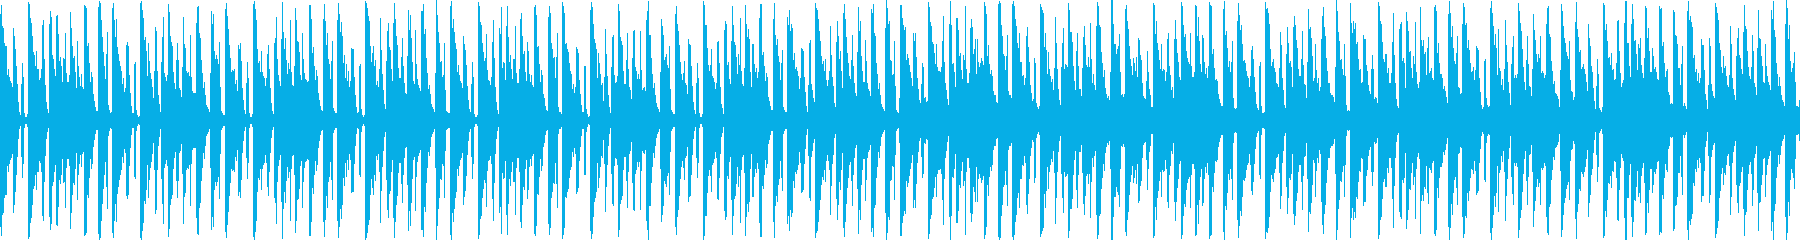 常夏を感じさせるトロピカルポップな曲の再生済みの波形